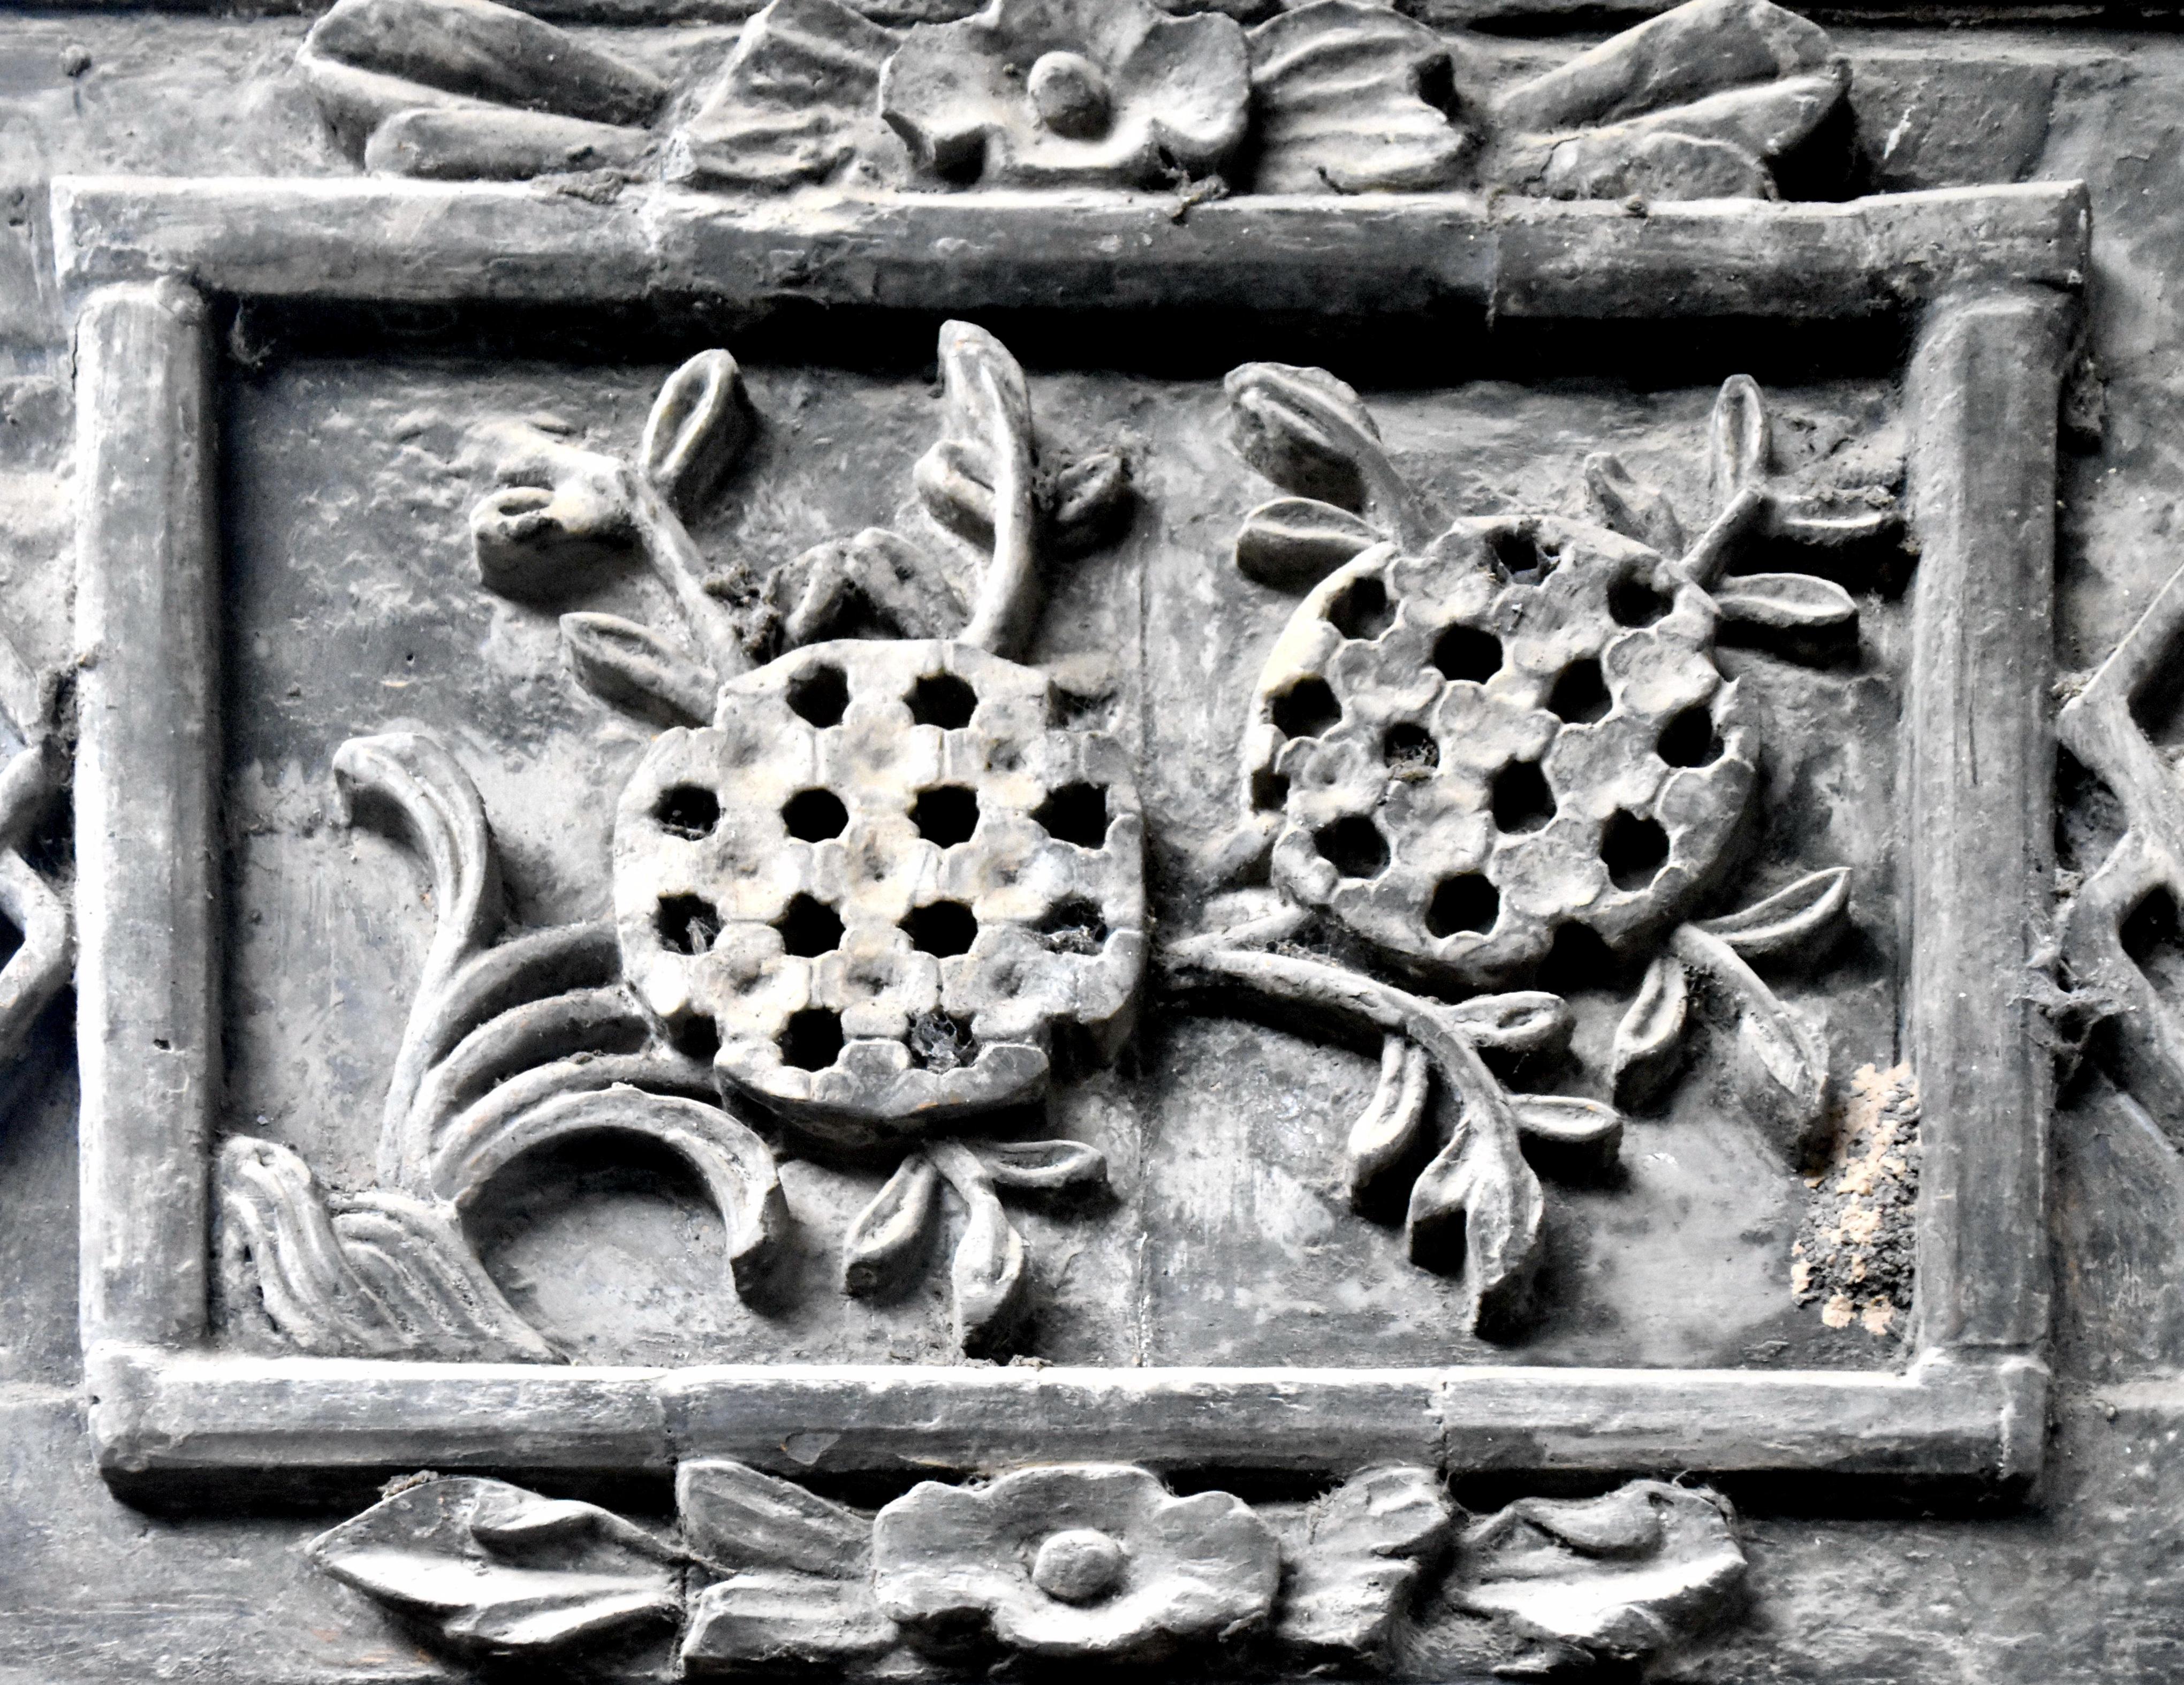 距法门寺10公里的扶风城隍庙,钟鼓楼的位置与众不同,门票0元